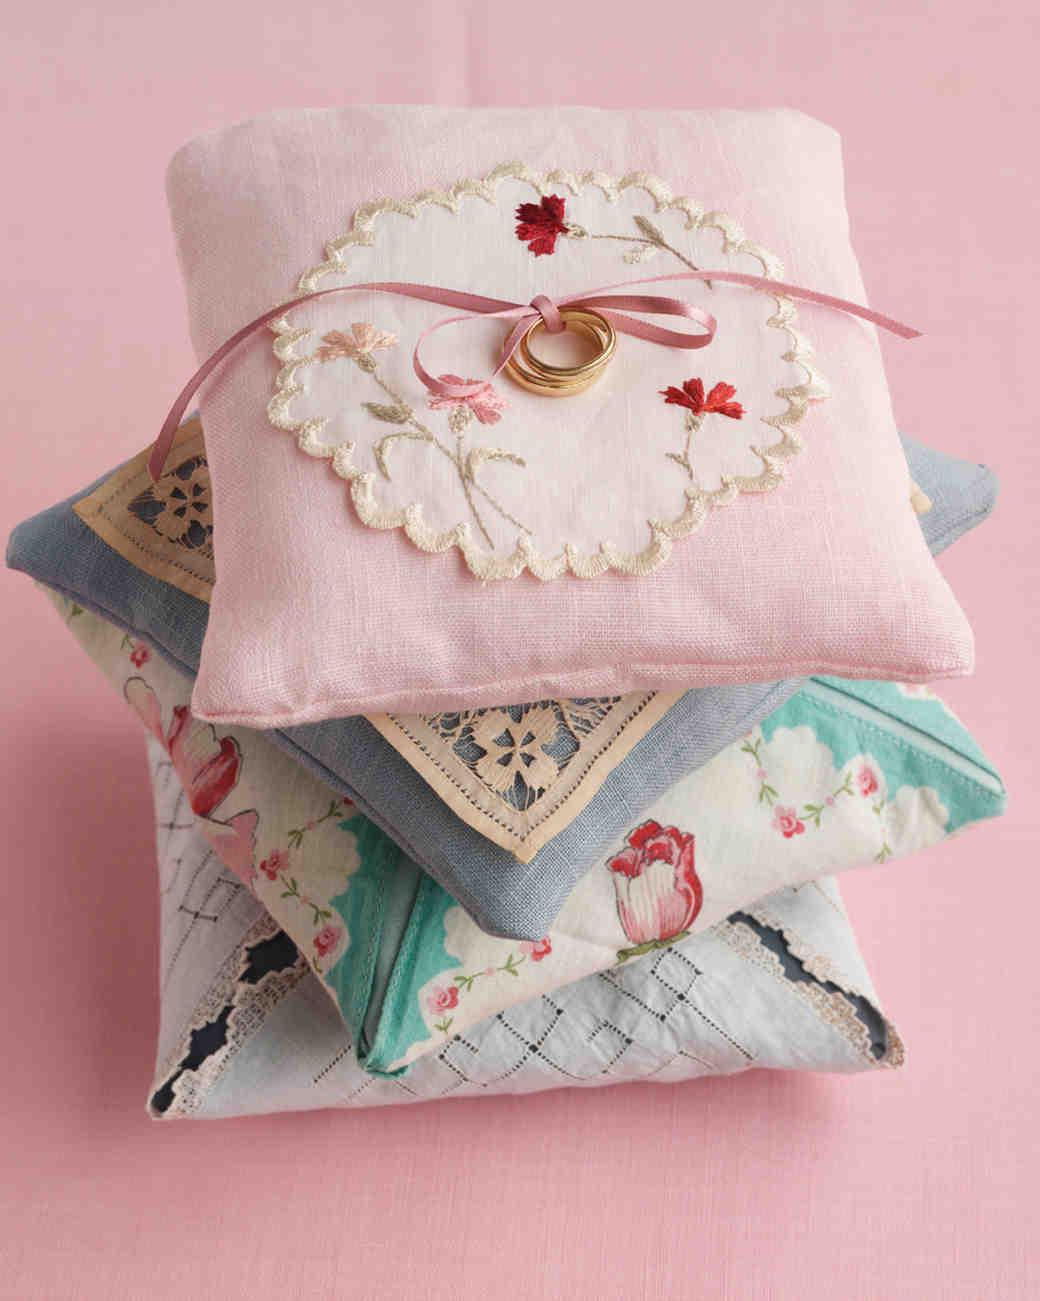 diy-ring-pillows-wd101302-vintage-0515.jpg